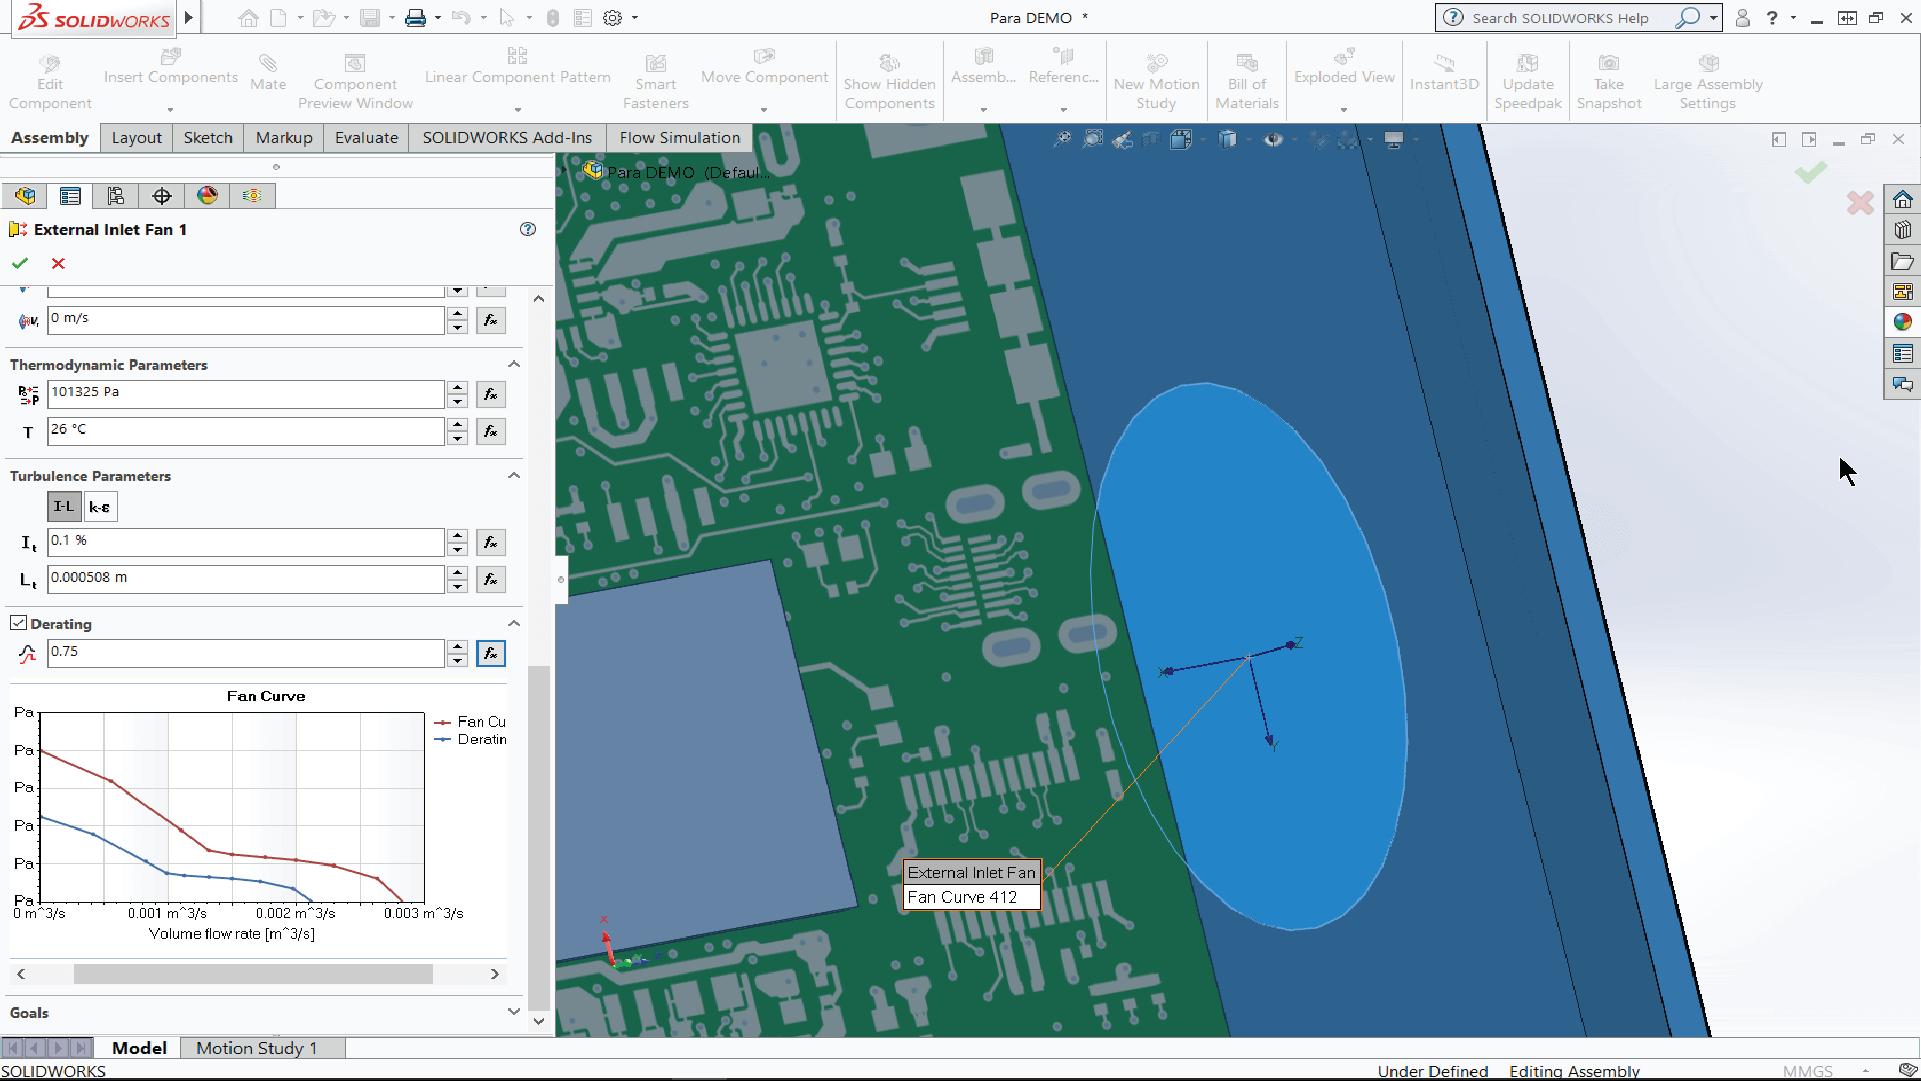 Ventilatie Flow Simulation